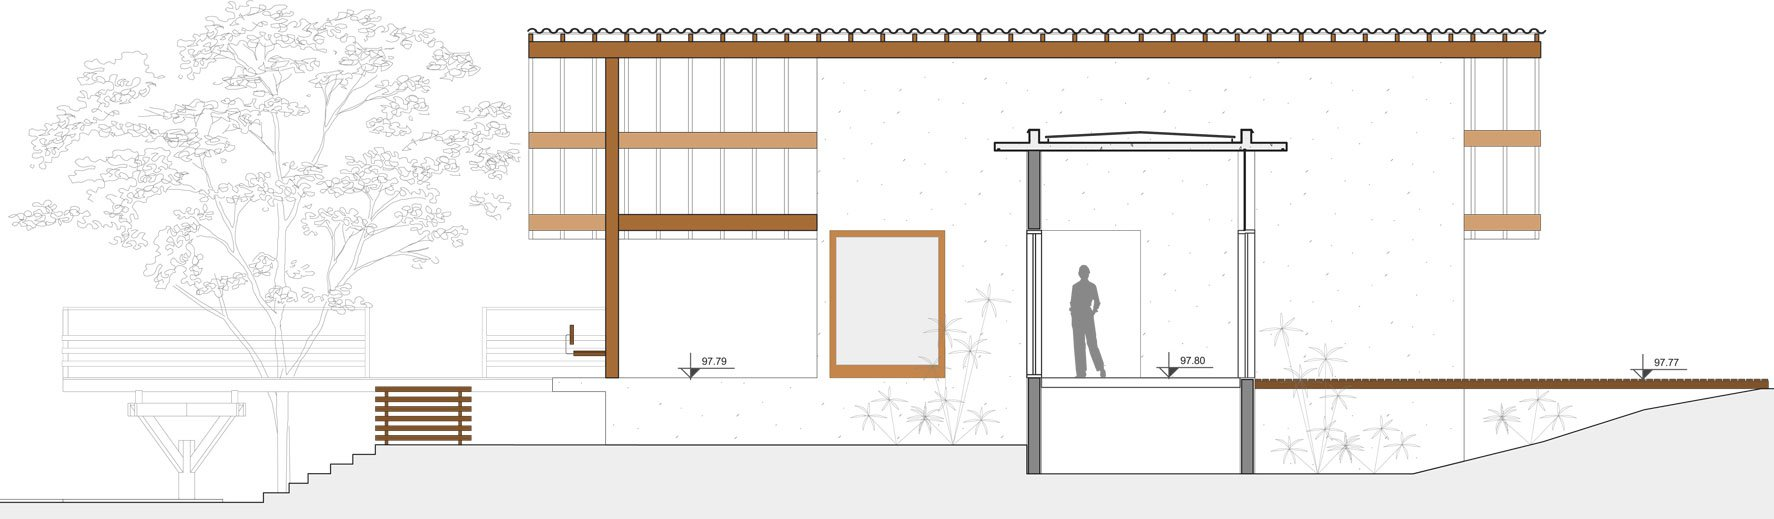 Casa de campo de madera y hormig n de 280 metros cuadrados - Plano casa de campo ...